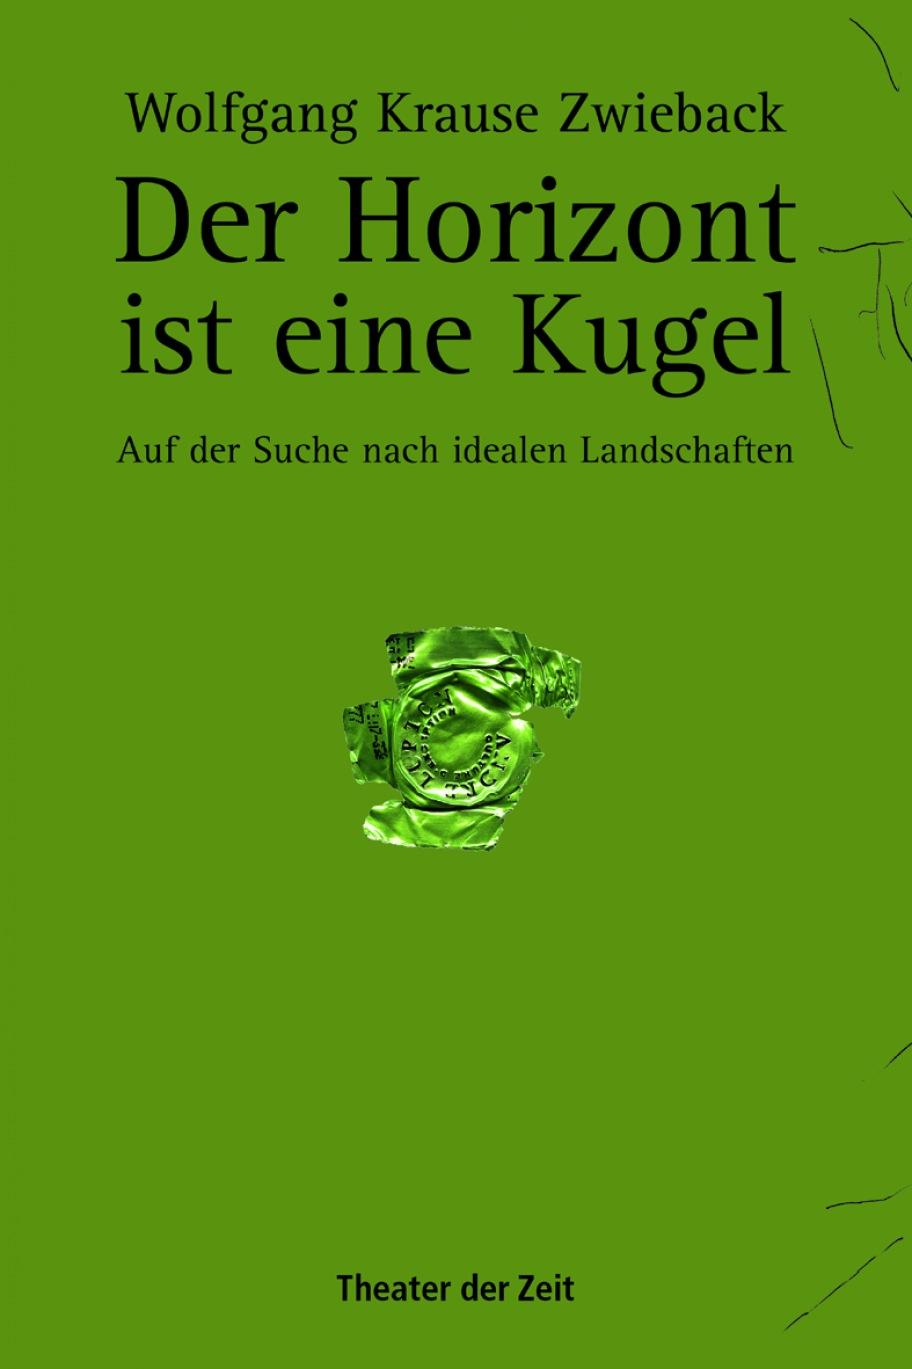 Wolfgang Krause Zwieback: Der Horizont ist eine Kugel